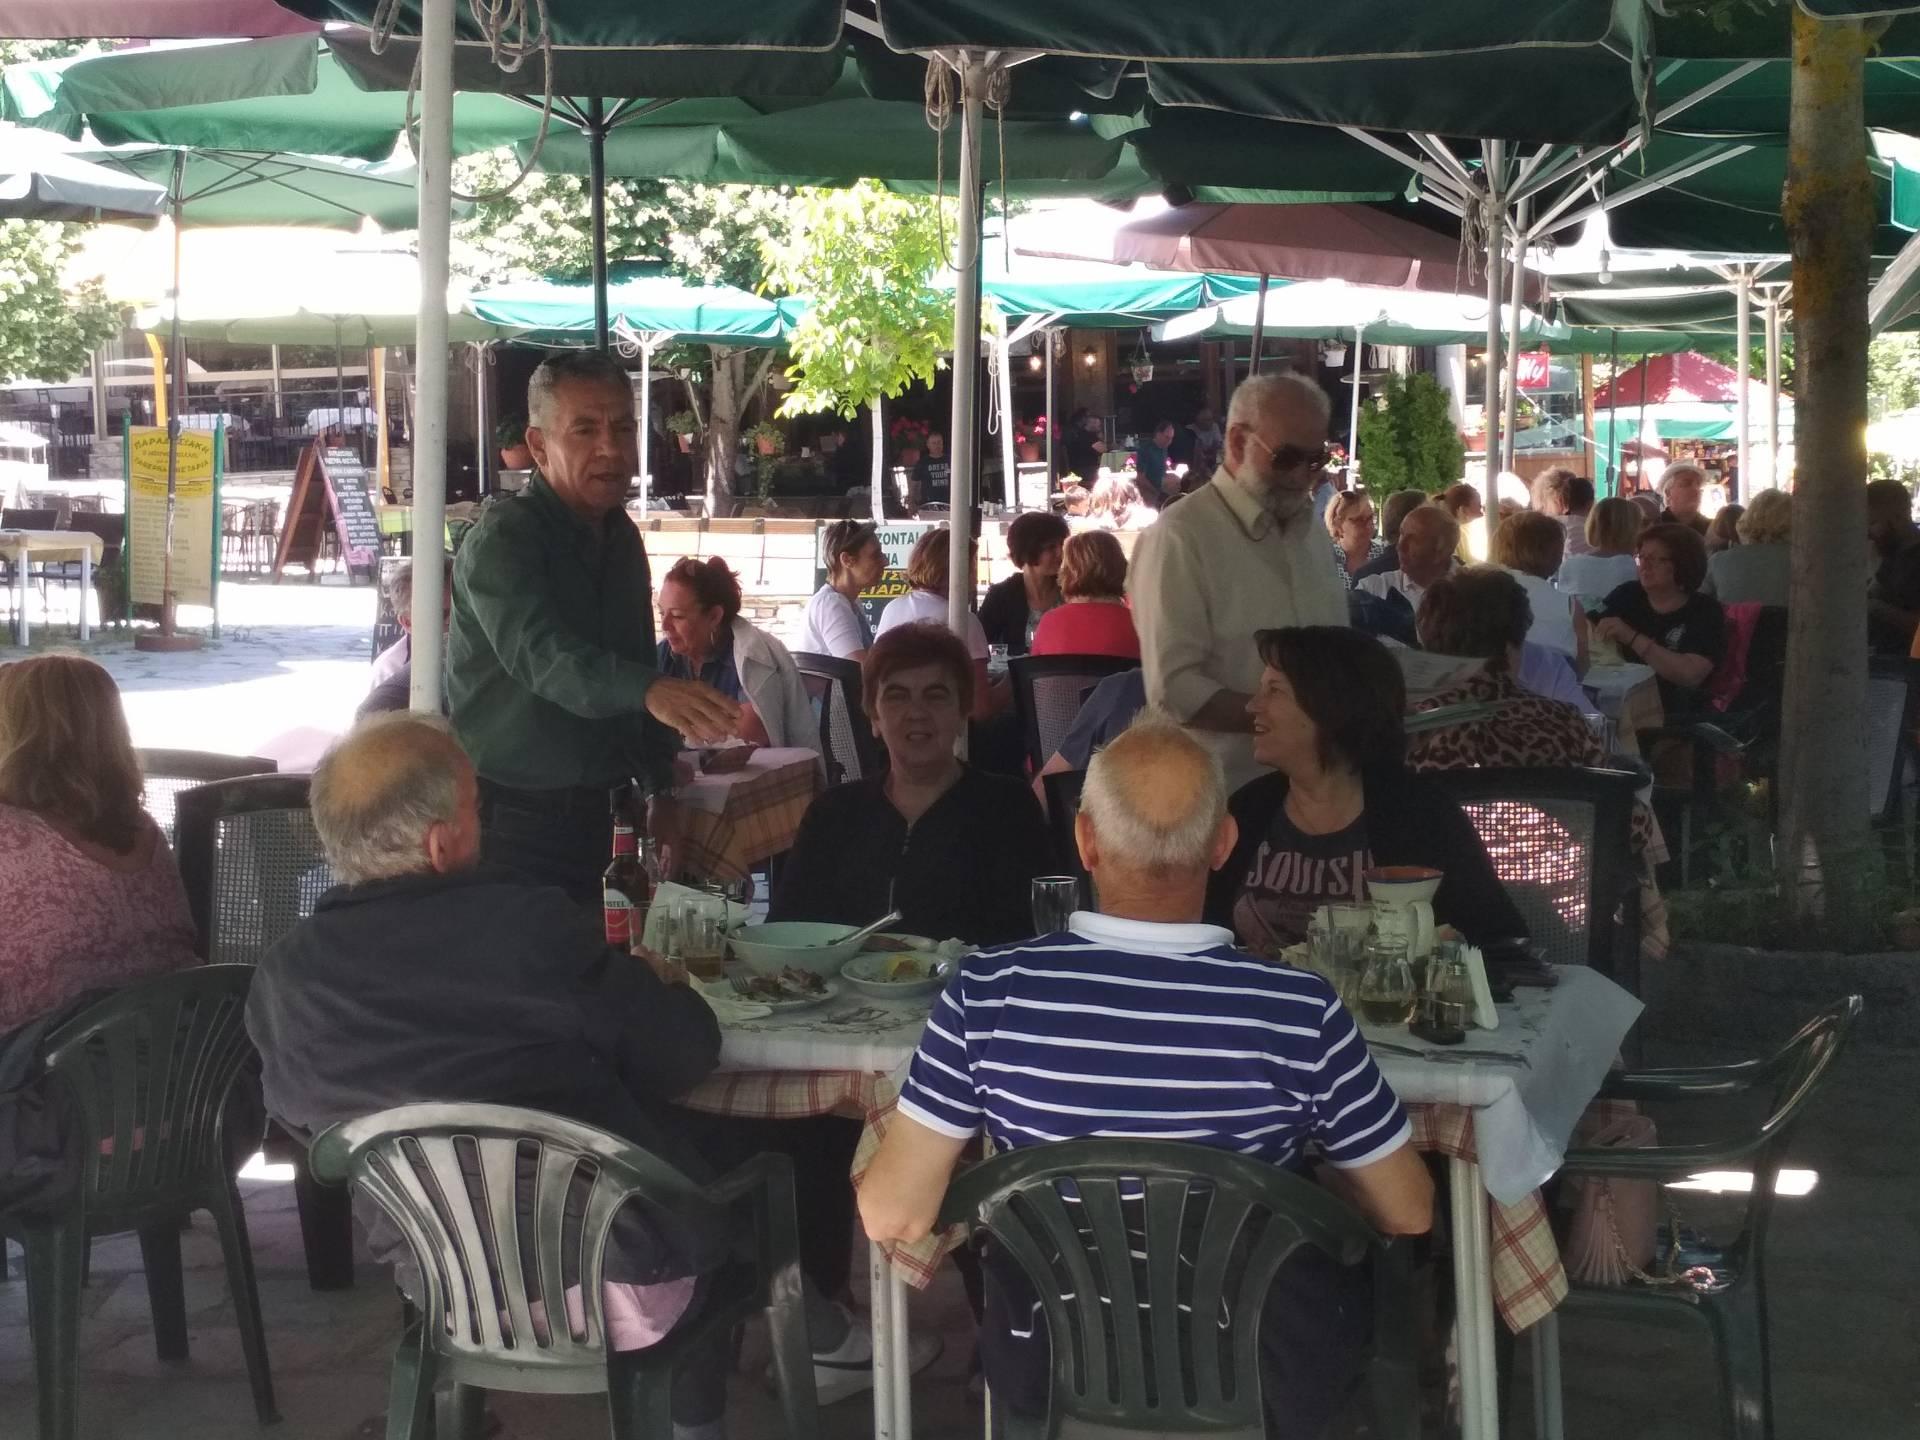 Επισκέψεις του υπ.Βουλευτή Γρεβενών του ΚΙΝ.ΑΛ. Βασίλη Γκαλογιάννη σε τοπικές κοινότητες των Γρεβενών